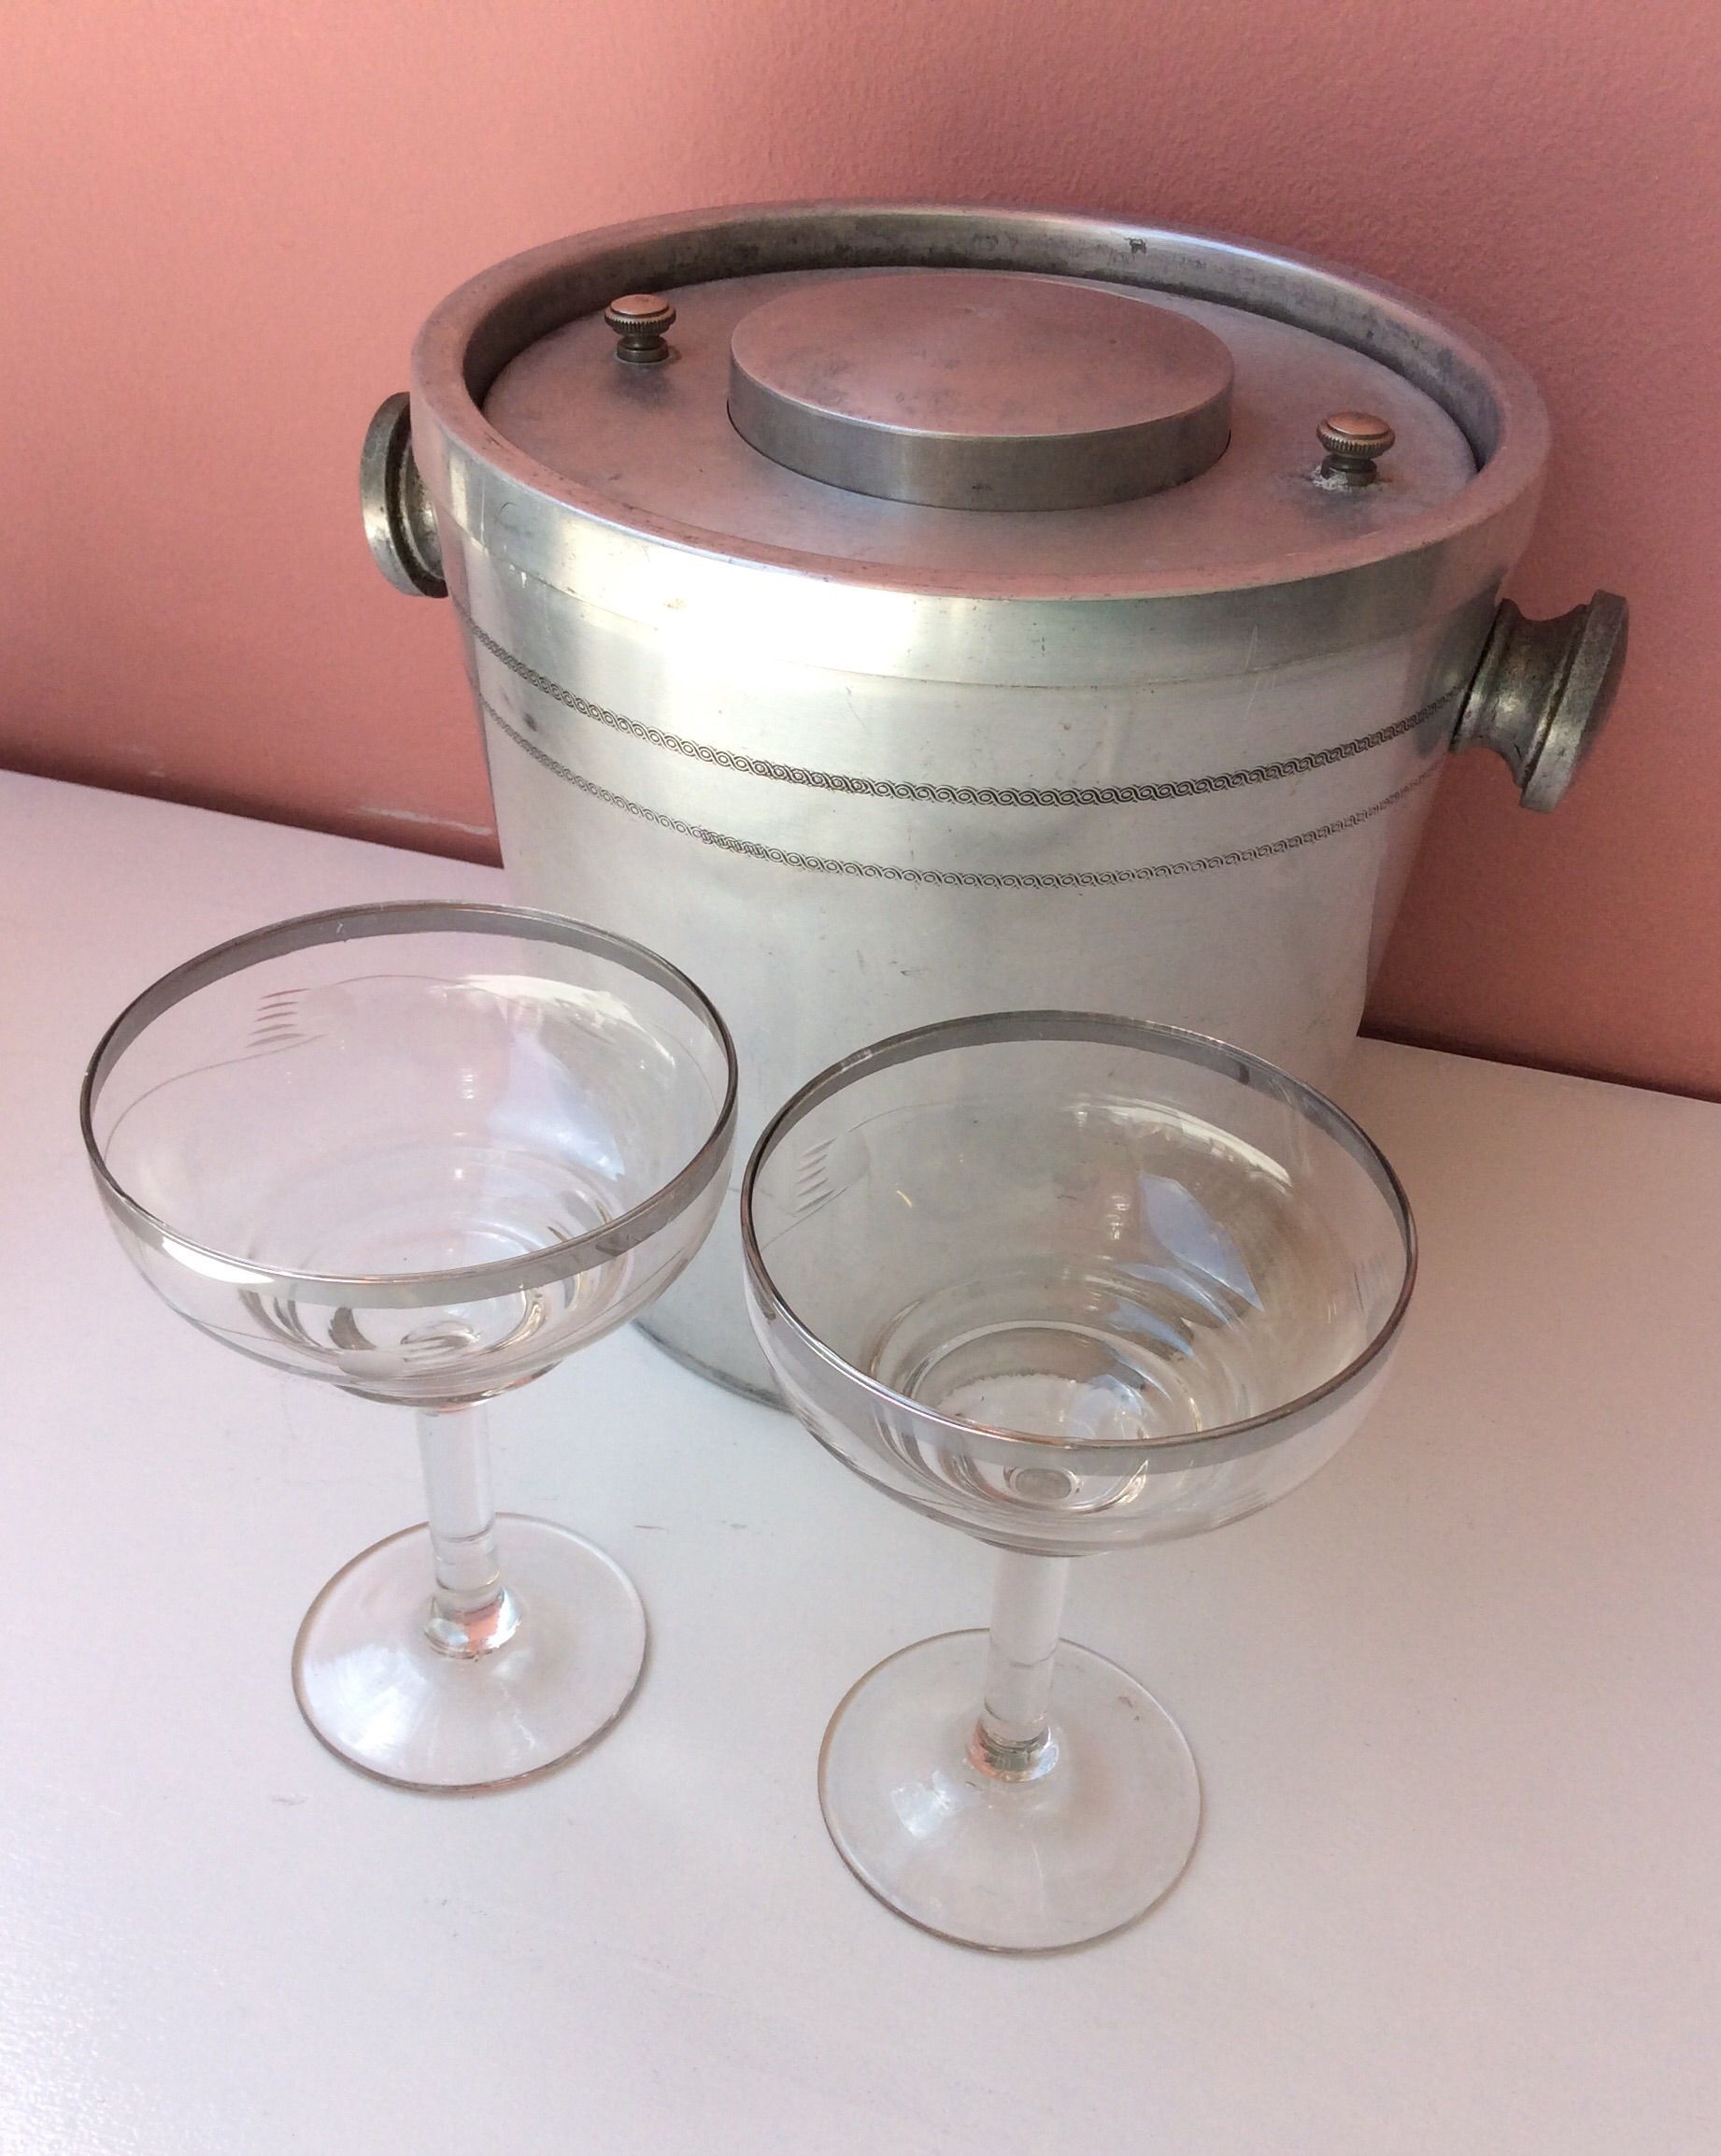 alumiininen samppanjajäähdytin-cocktailsekoitin -yhdistelmä . #kooPernu